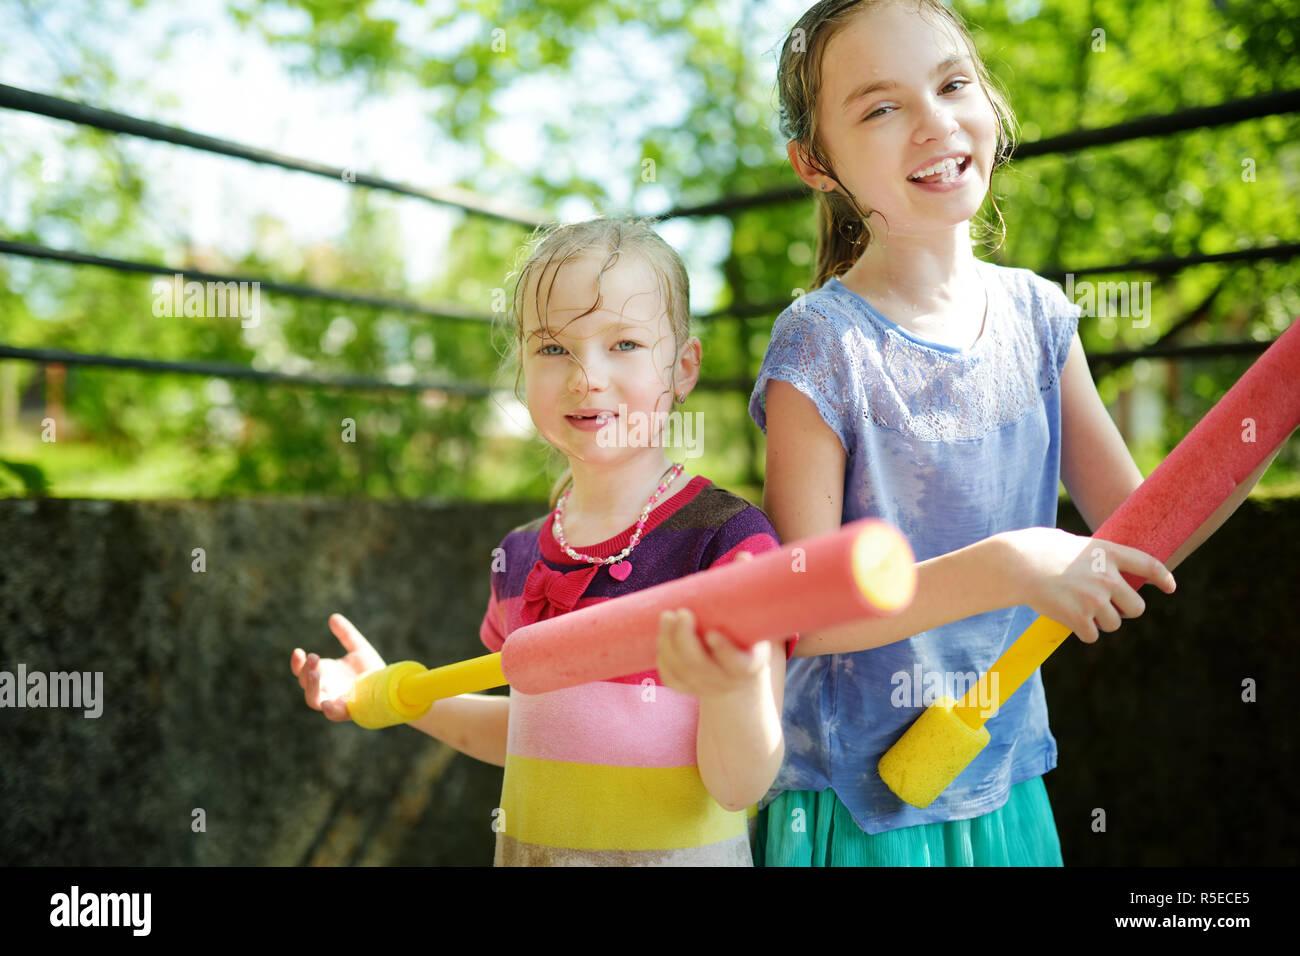 Adorable Kleine Mädchen Spielen Mit Wasser Gewehren Auf Heißen